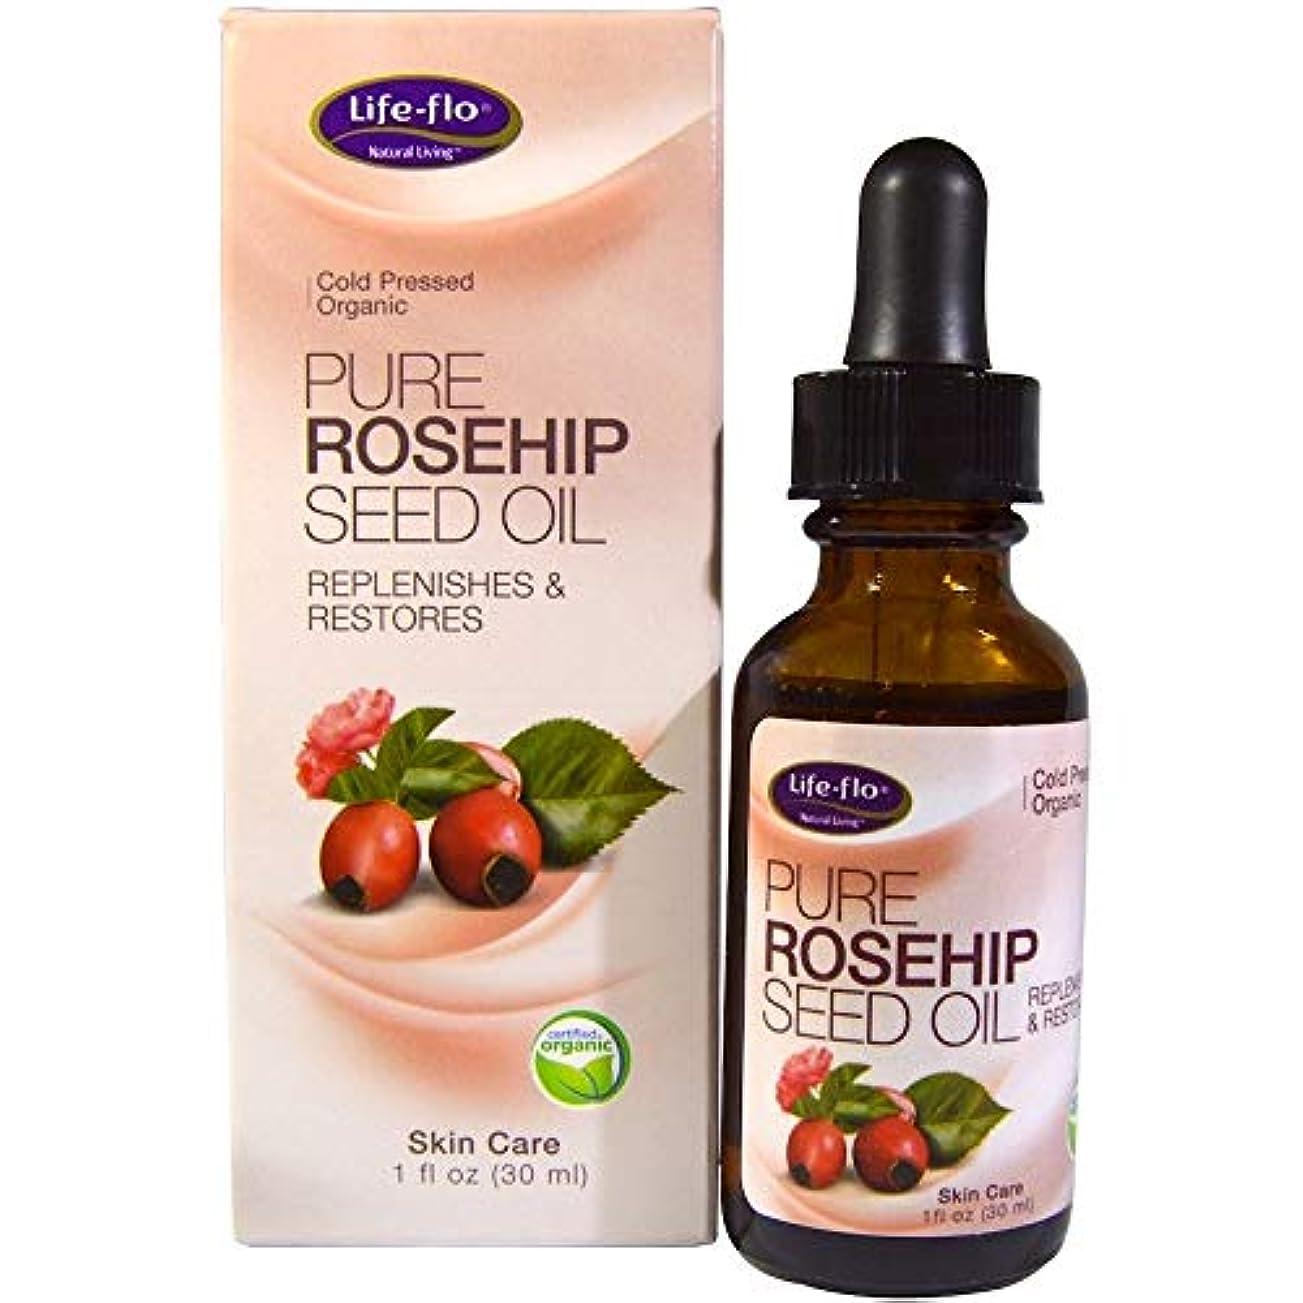 ダイエット気候弓[並行輸入品] Life-Flo Pure Rosehip Seed Oil, 1 oz x 2パック